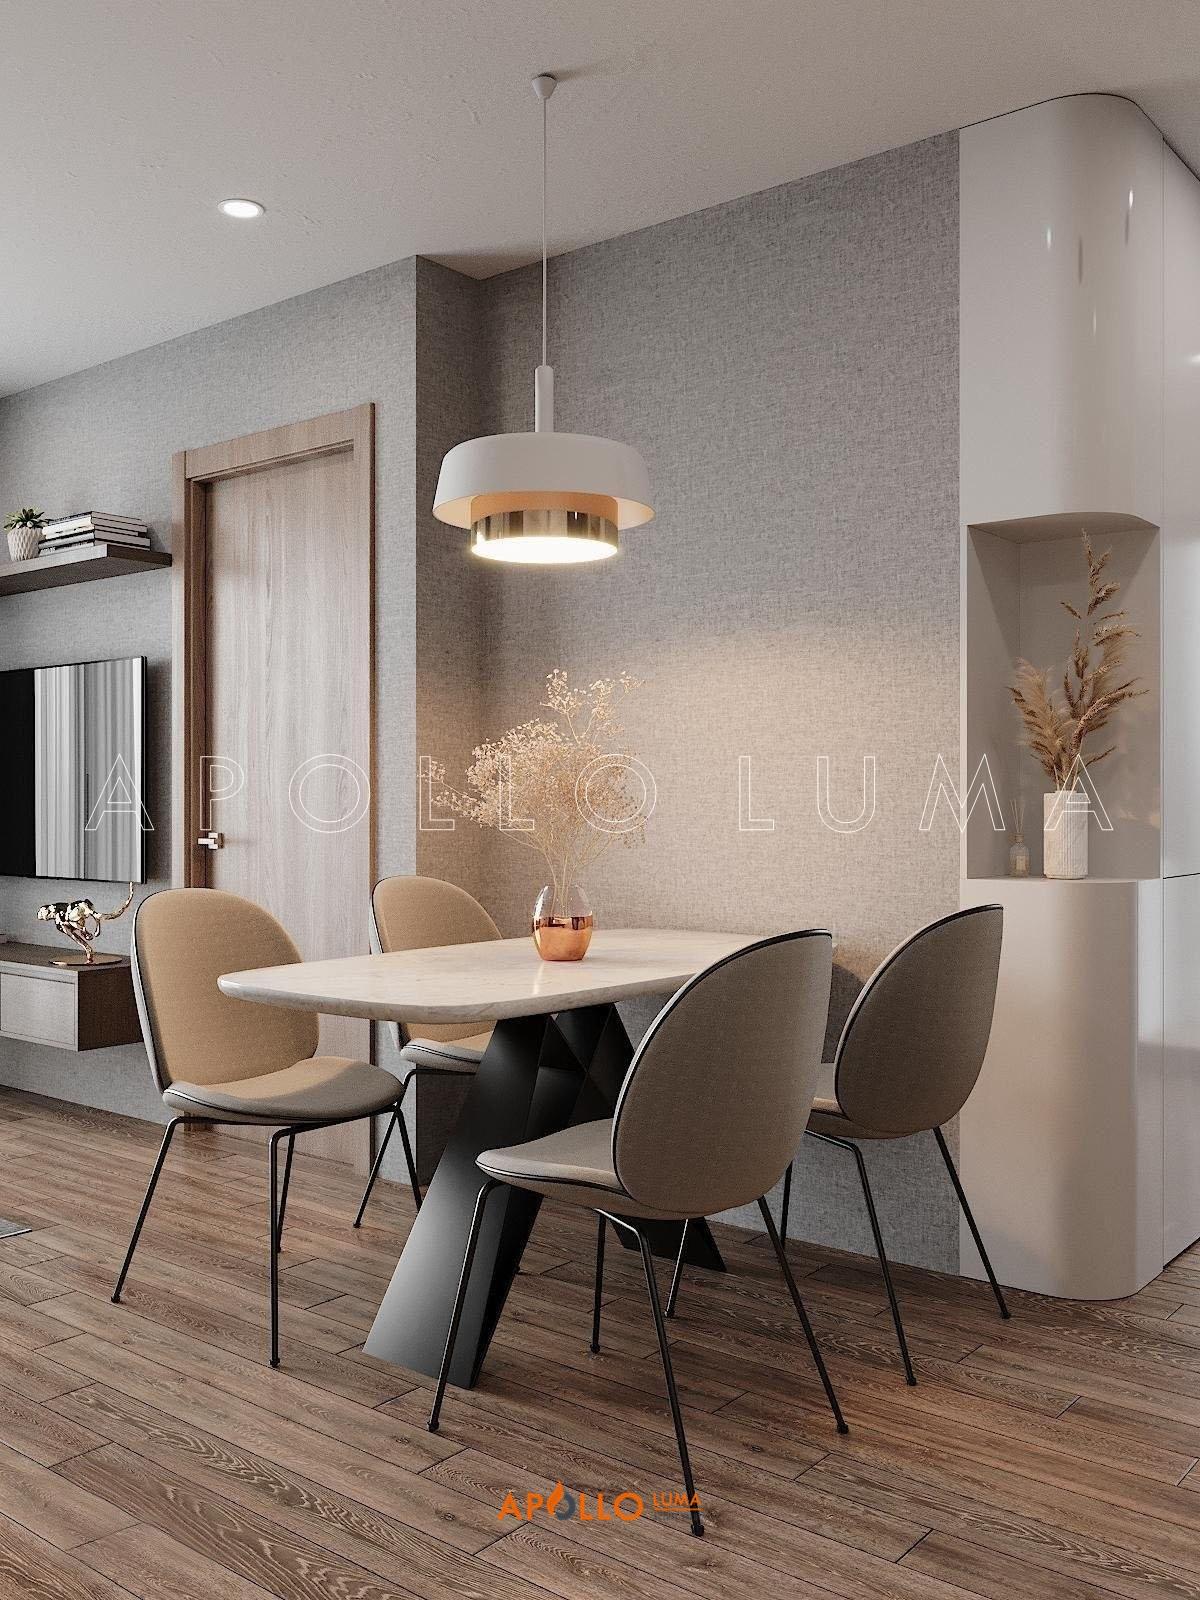 Thiết kế nội thất căn 2PN+2WC (62m2) S1.10-15 Vinhomes Ocean Park Gia Lâm